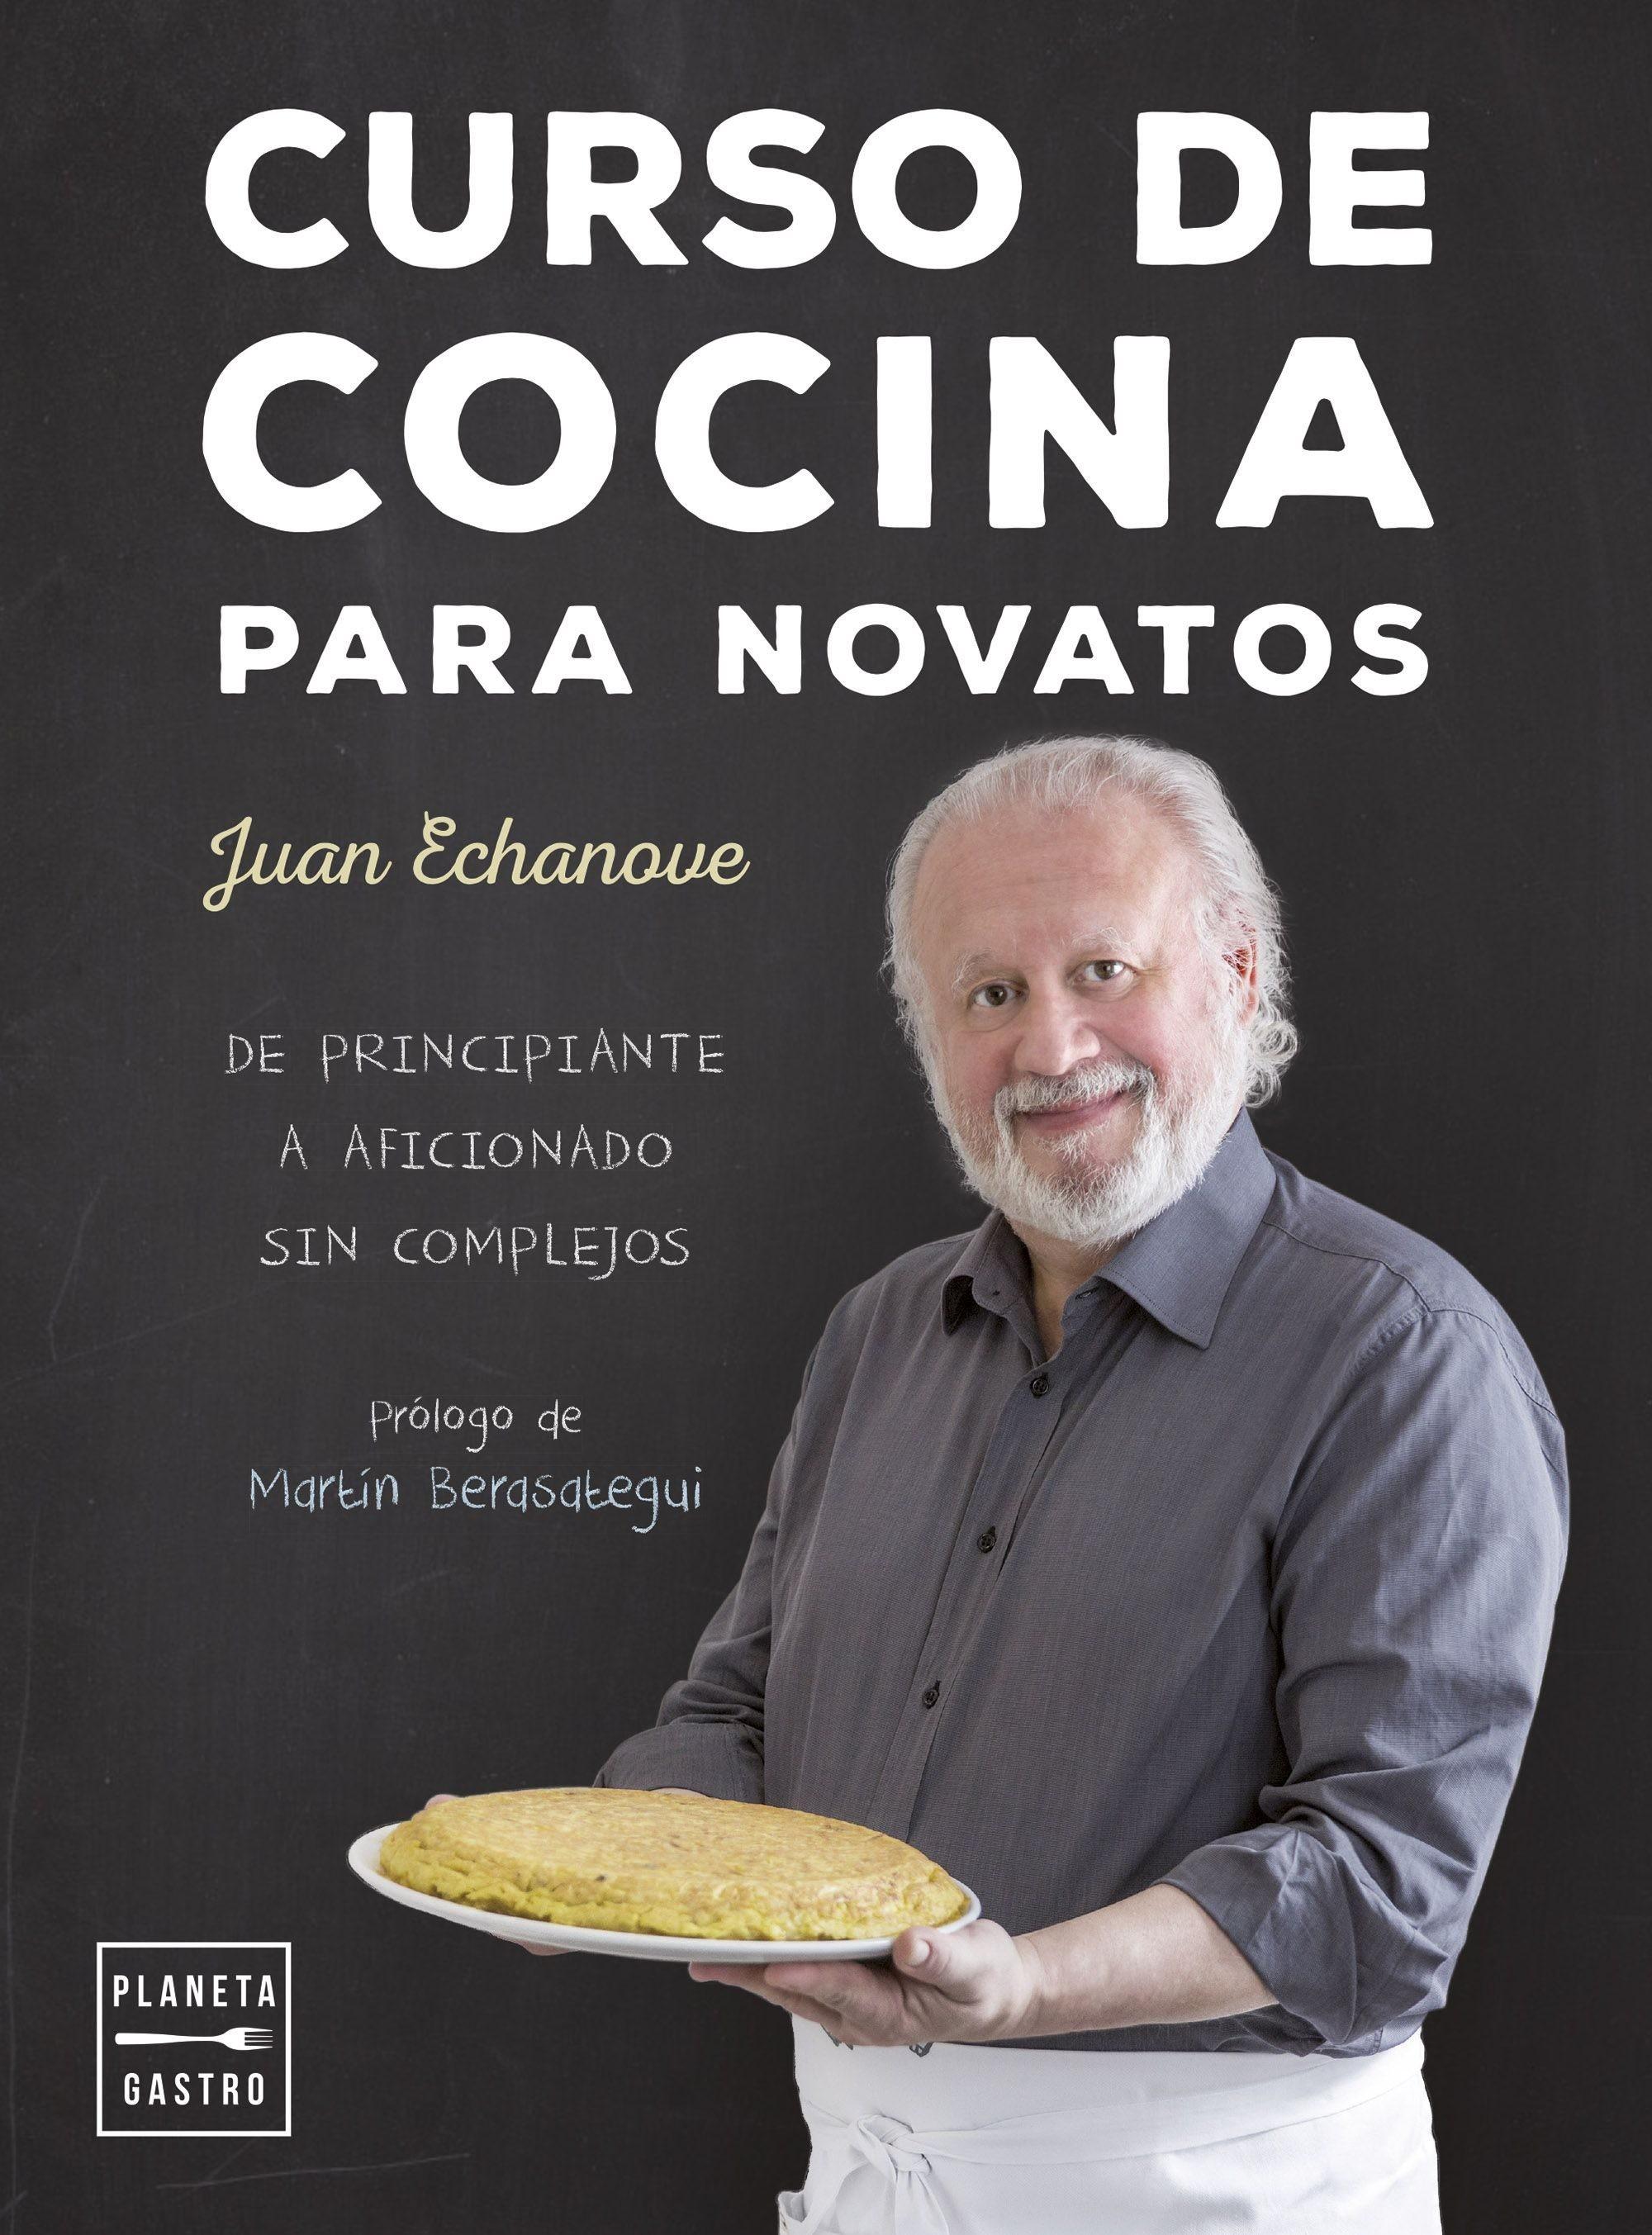 Curso de cocina para novatos, de Juan Echanove